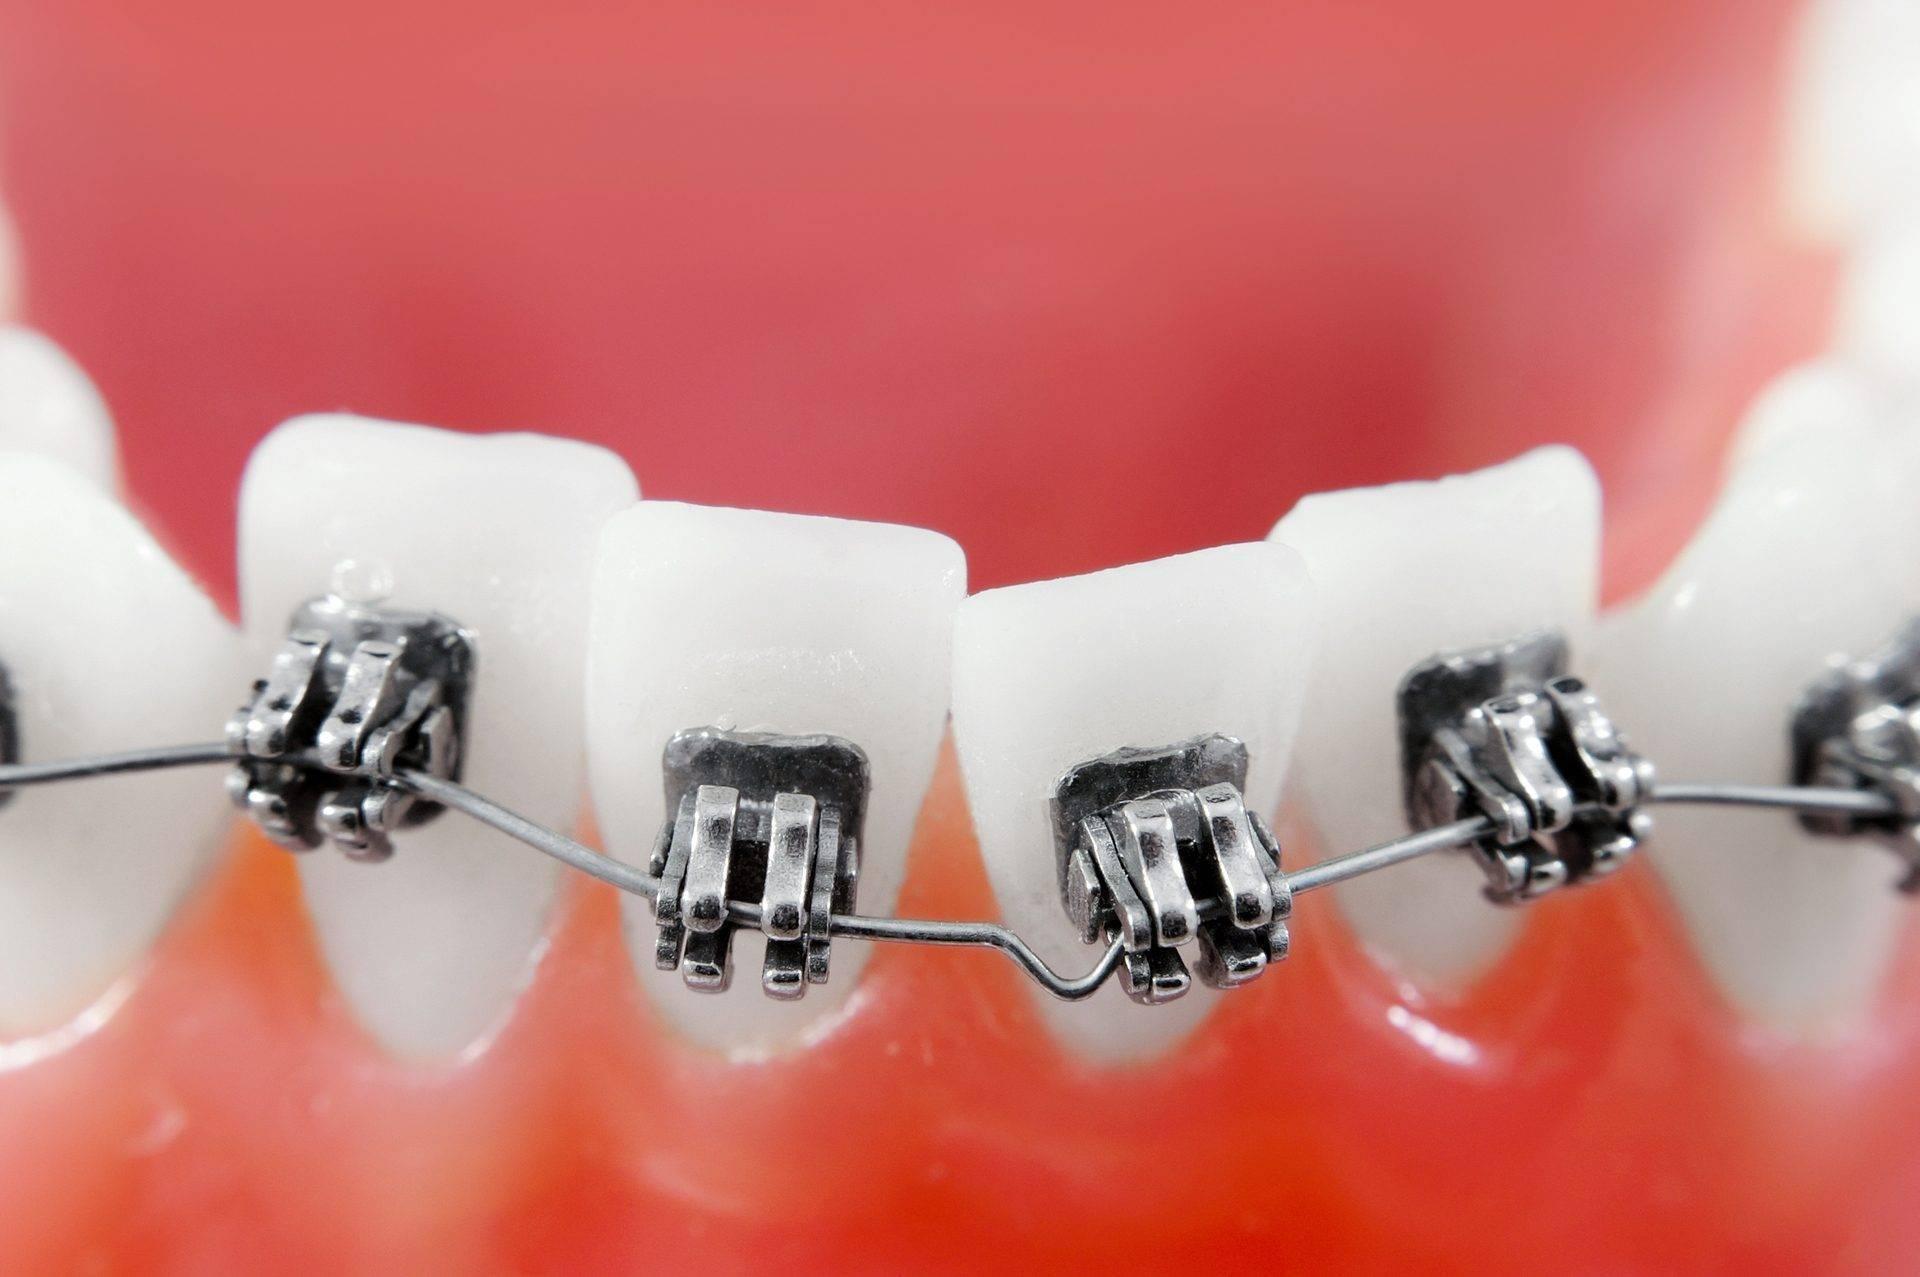 могут ли выпасть зубы от брекетов